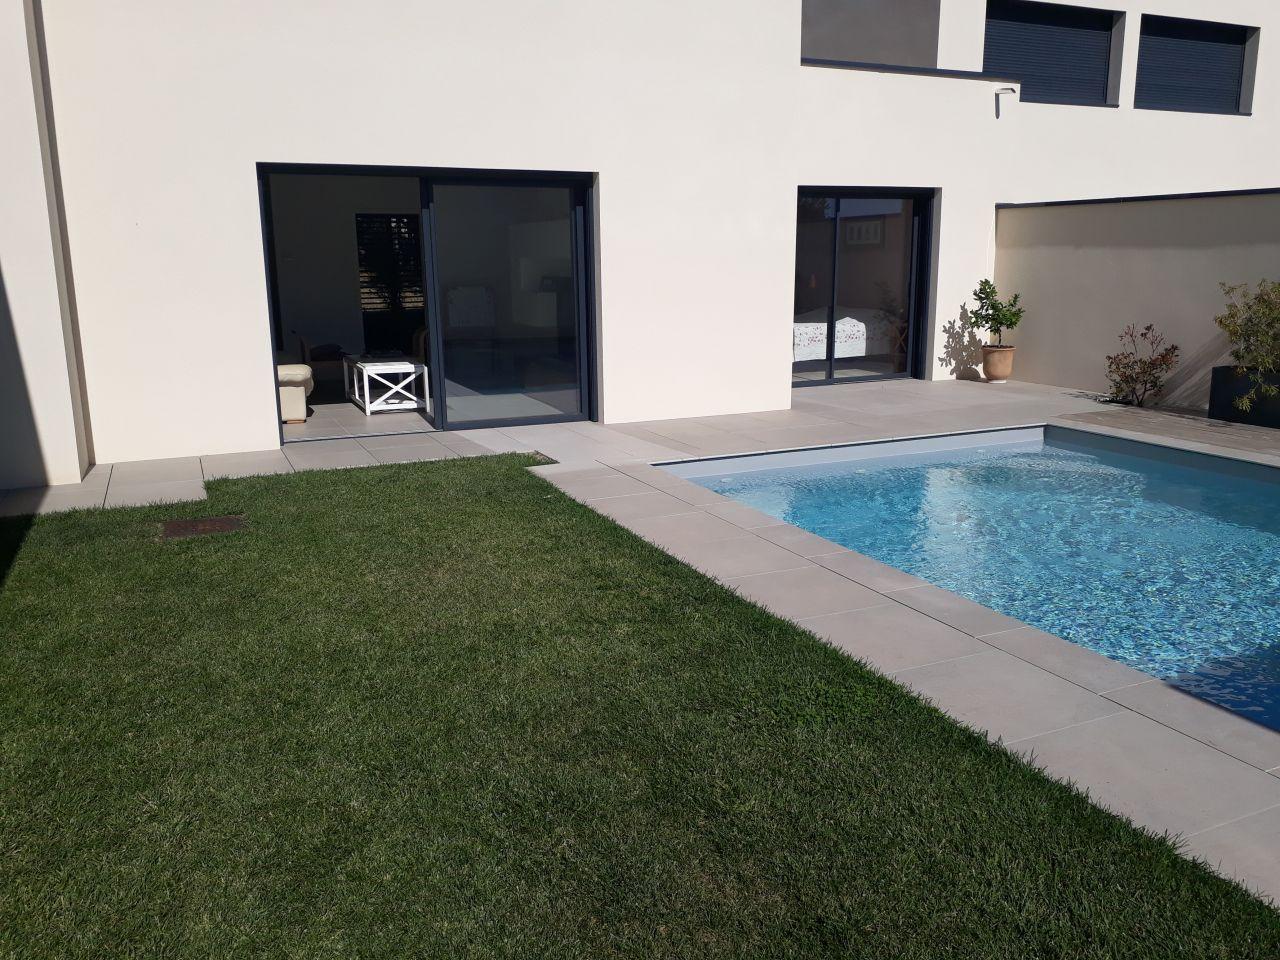 Terrasse partie droite, carrelage intérieur/exterieur dans le même prolongement